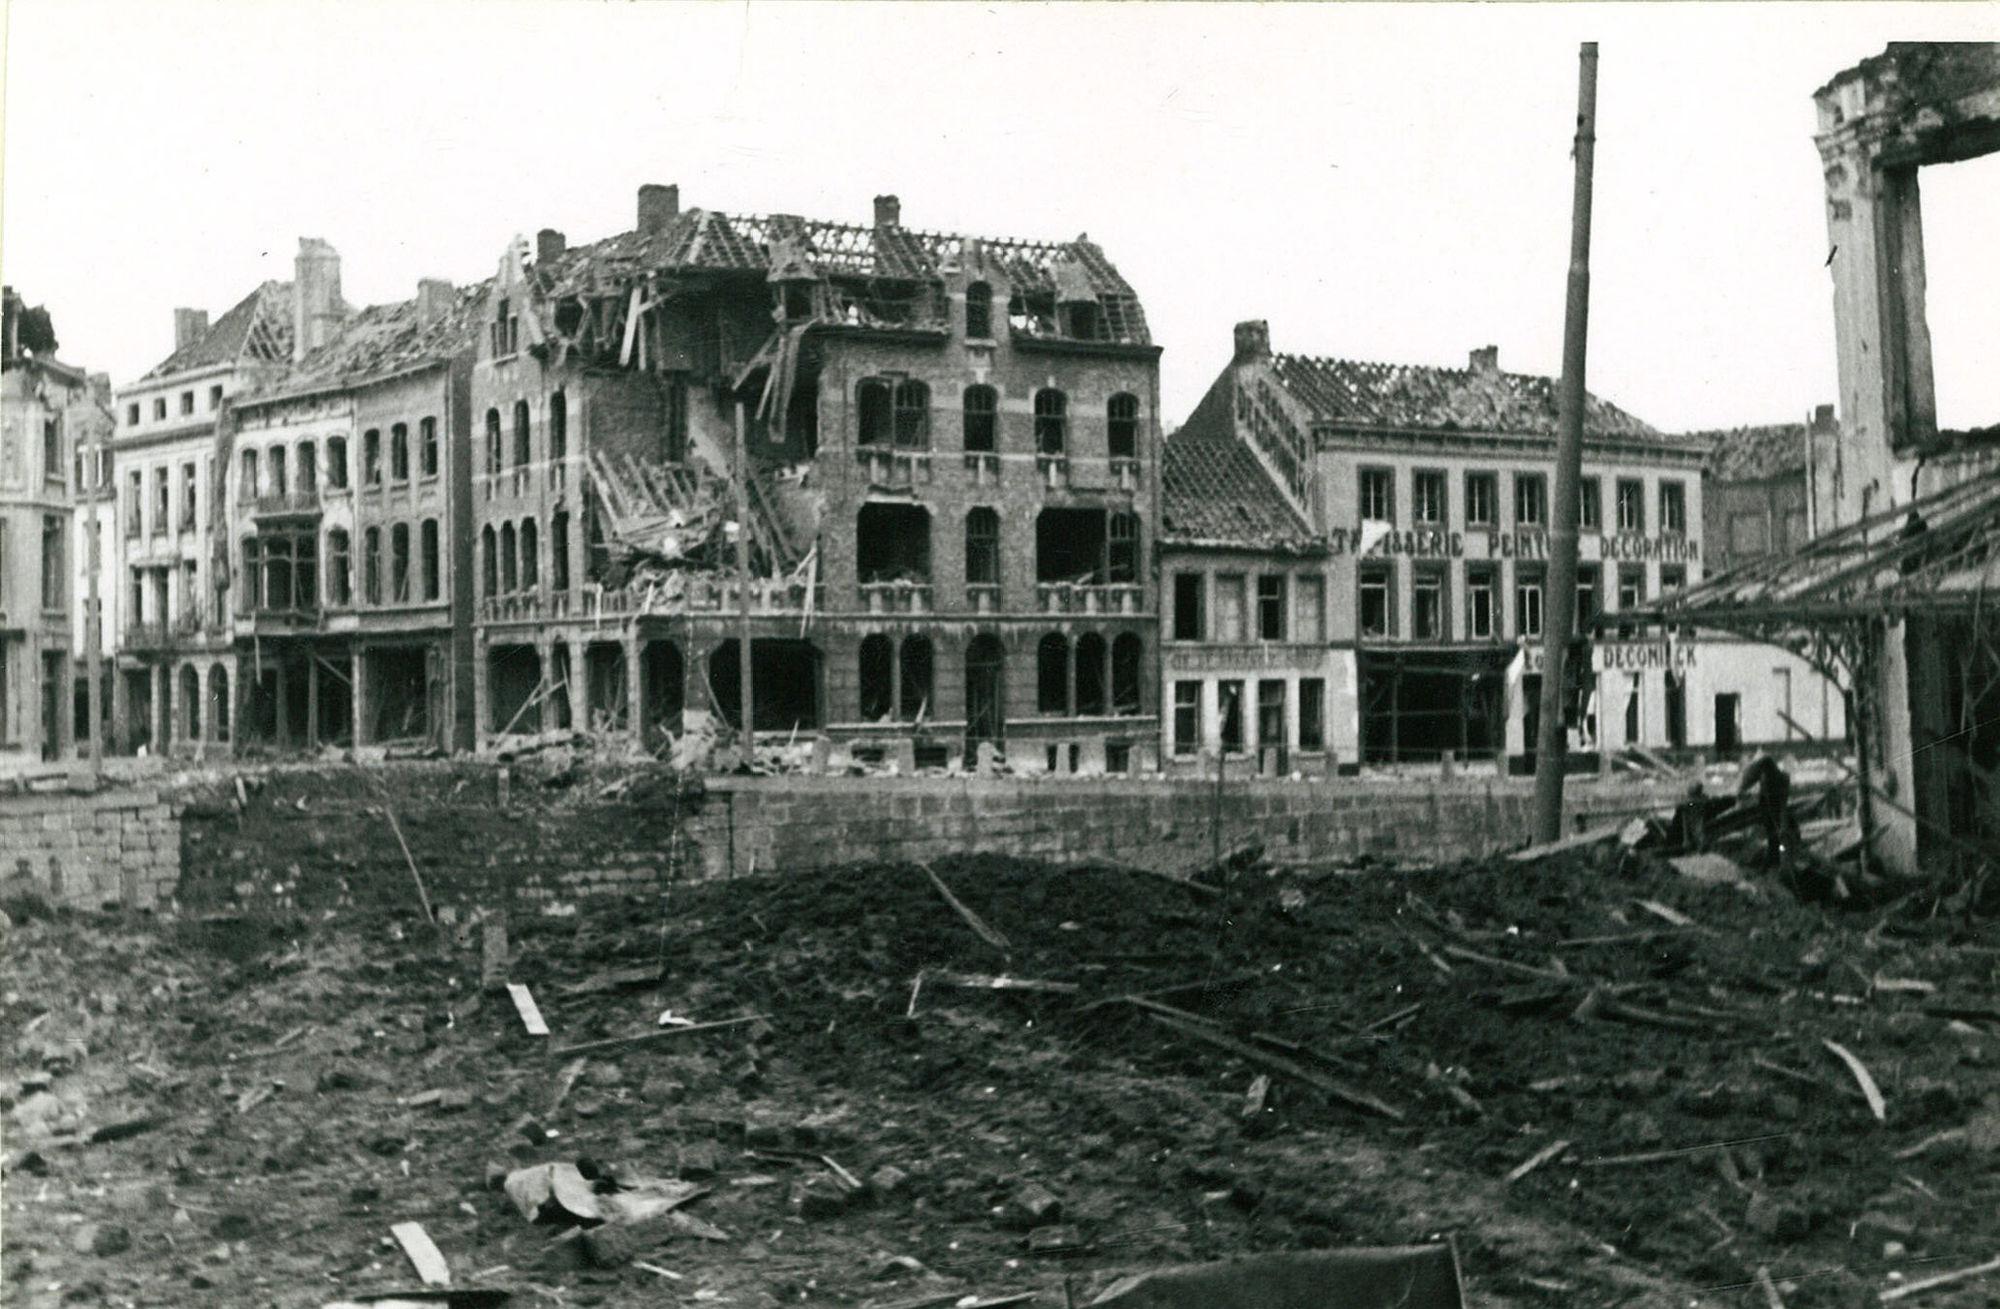 De Leiebrug tijdens de Tweede Wereldoorlog